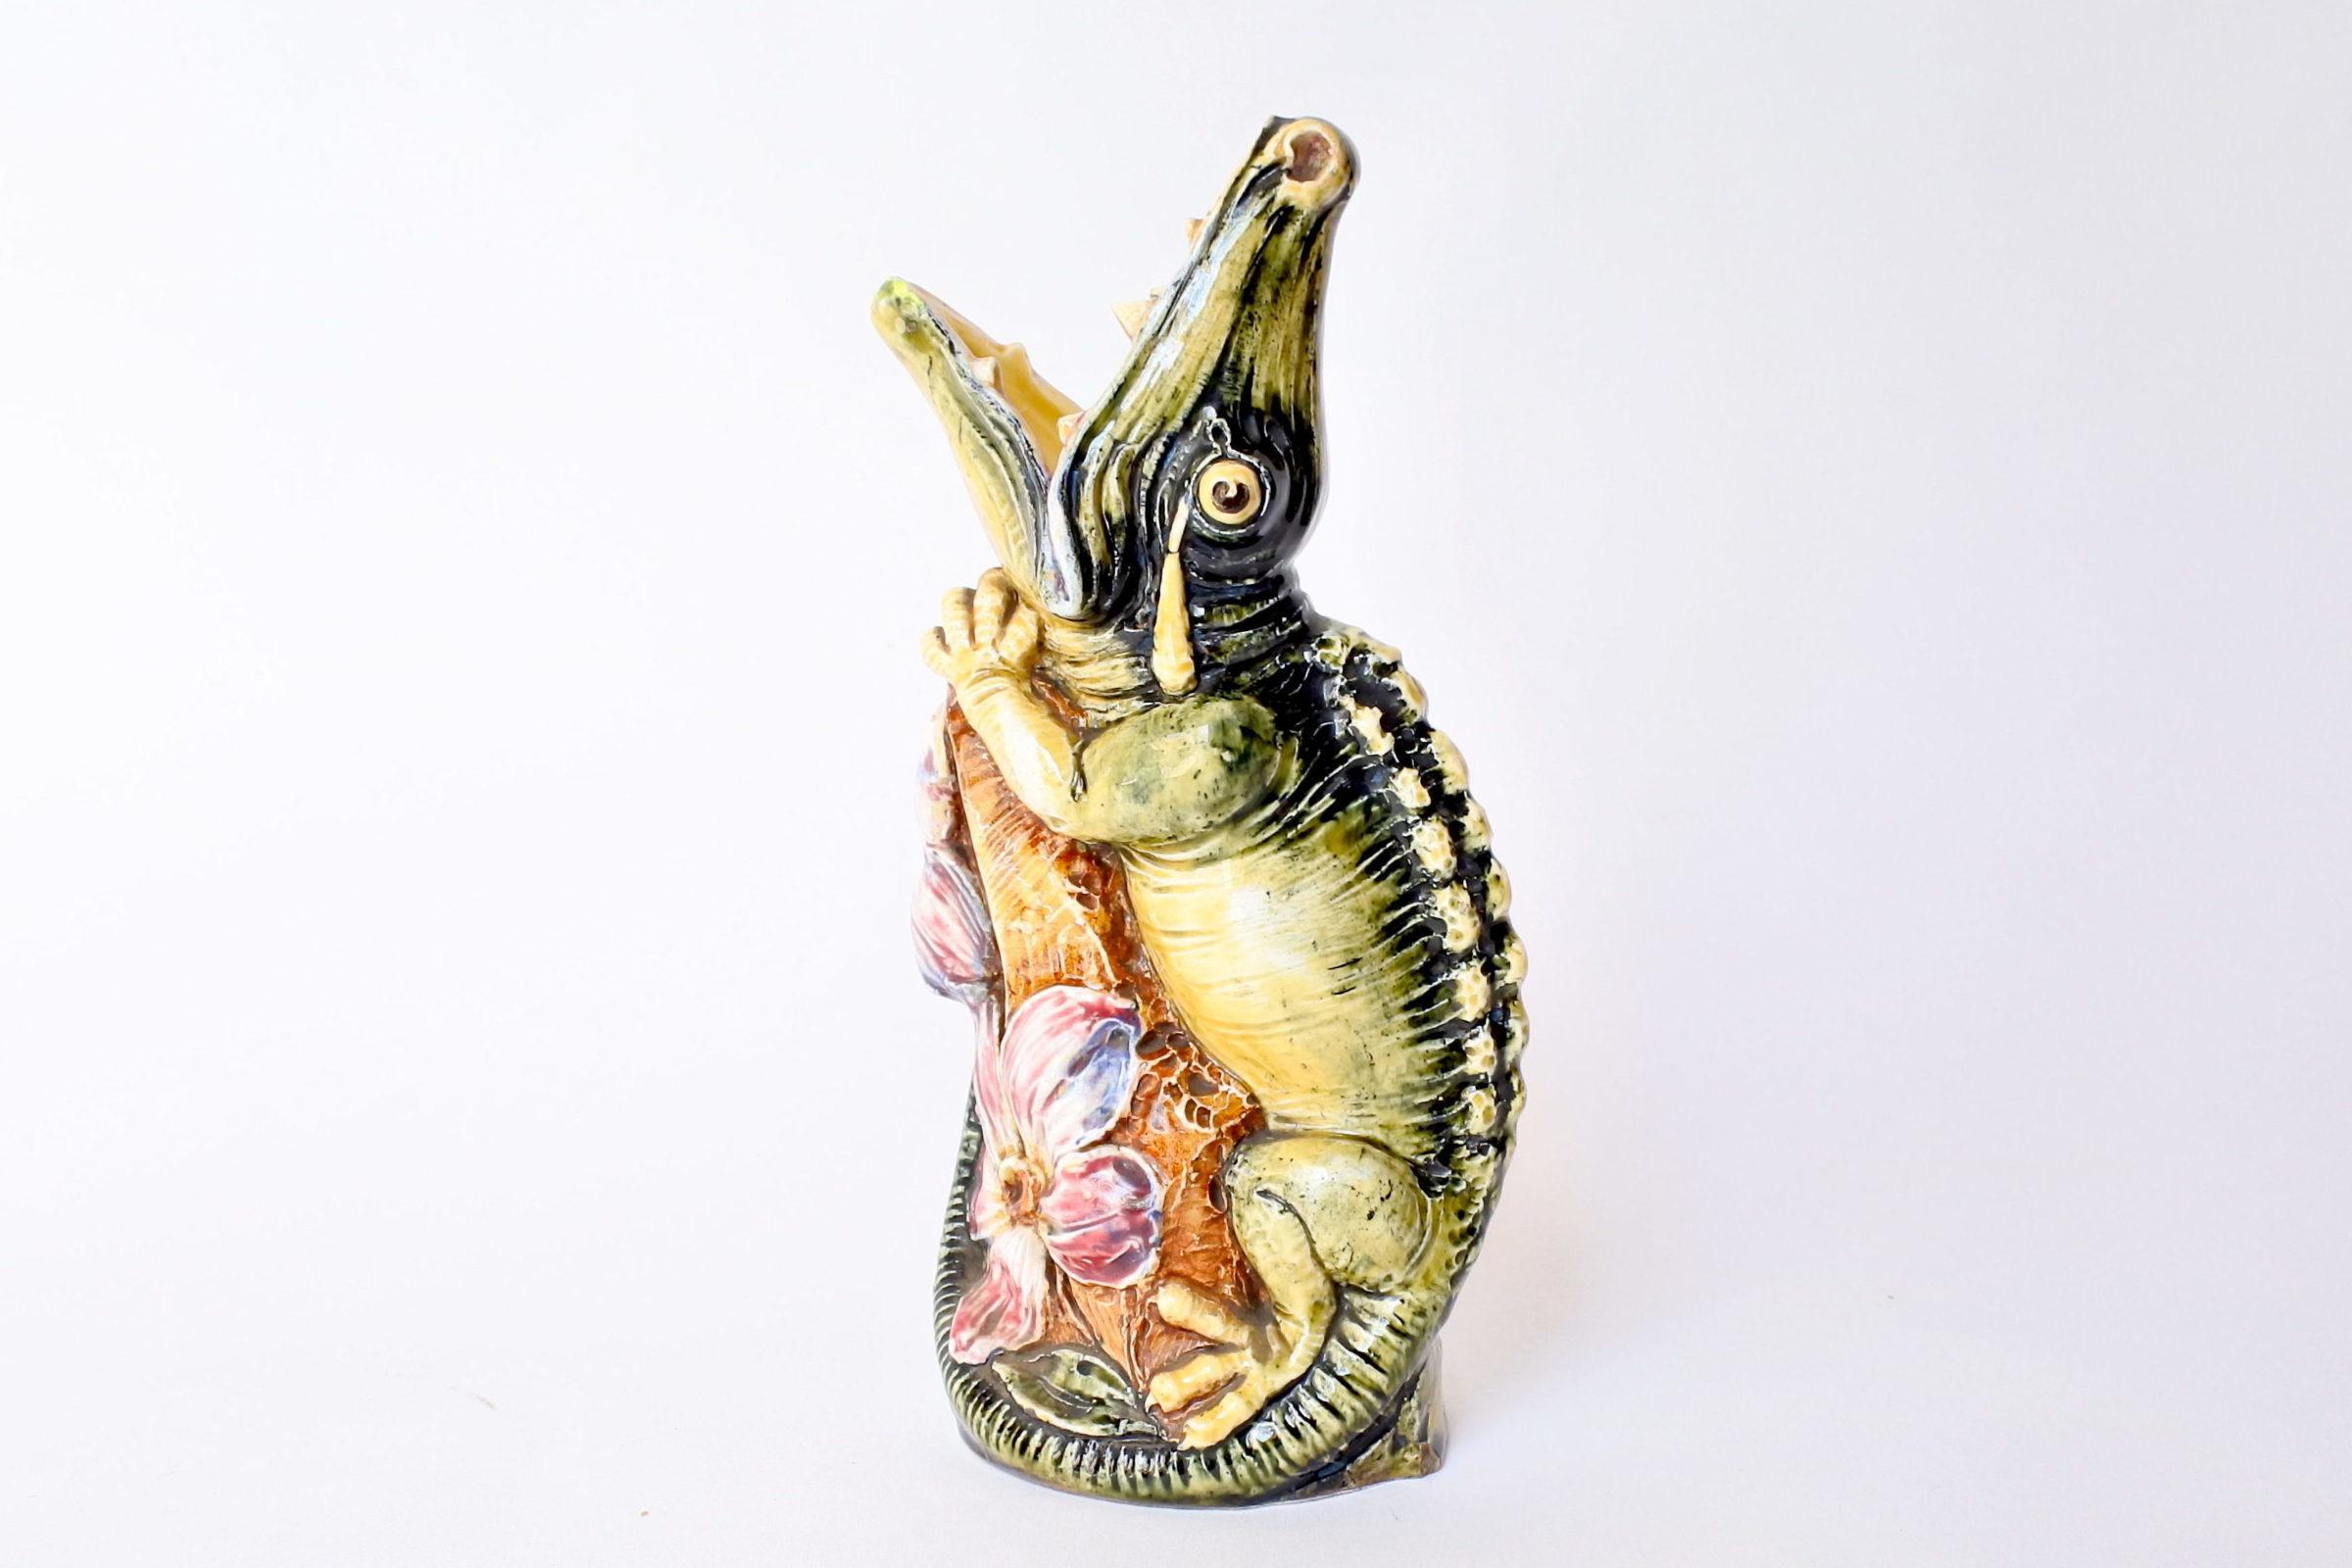 Vaso in ceramica barbotine a forma di coccodrillo - 2